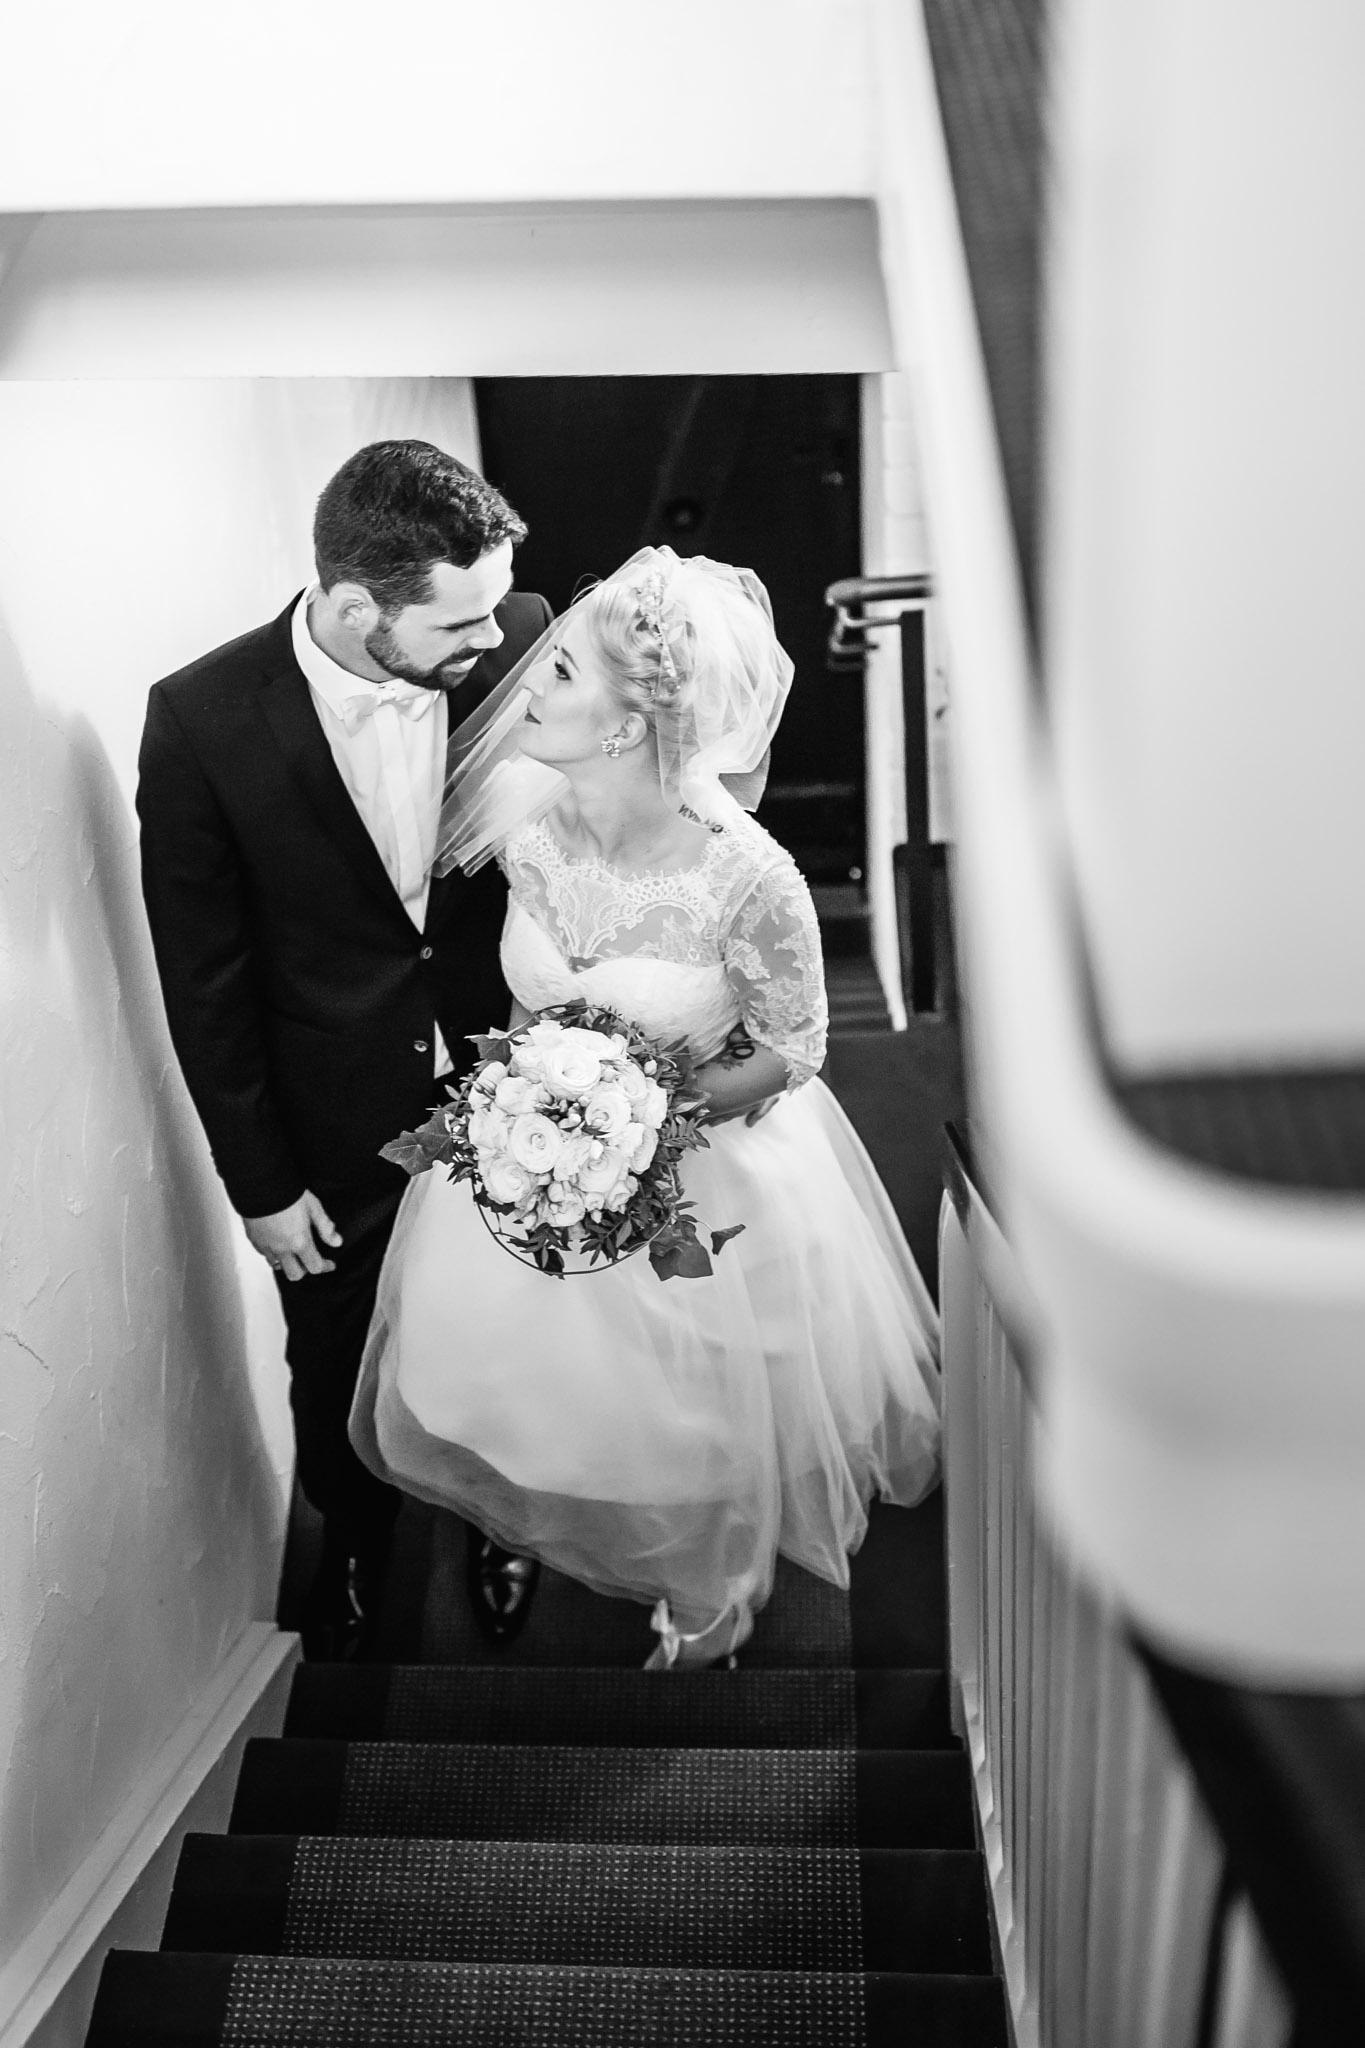 auf dem Weg in die Hochzeitssuite